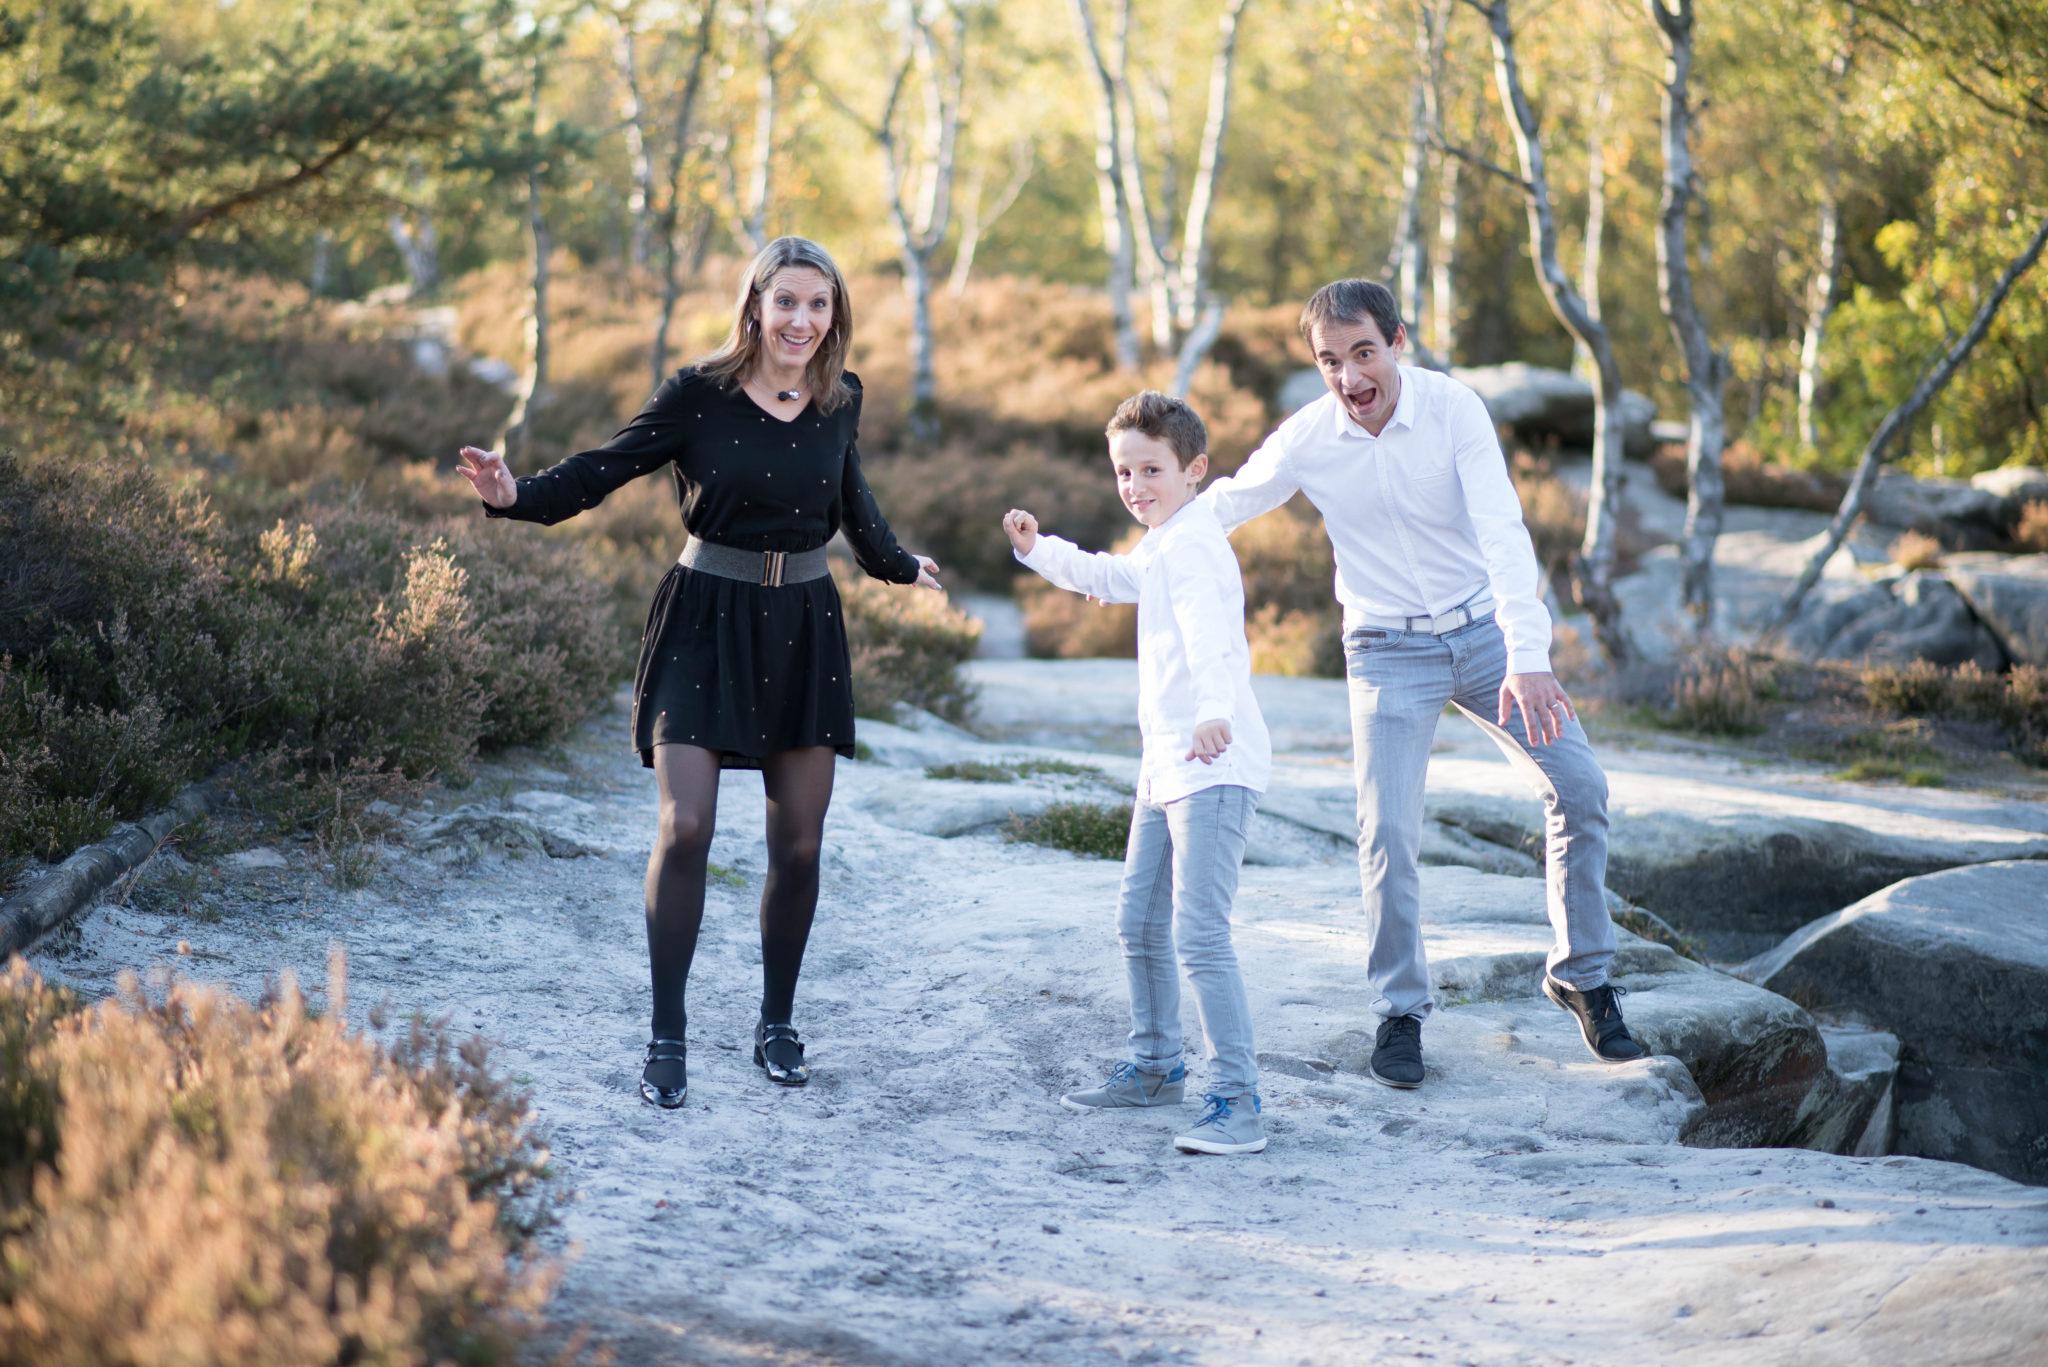 Séance famille Audrey (12)t